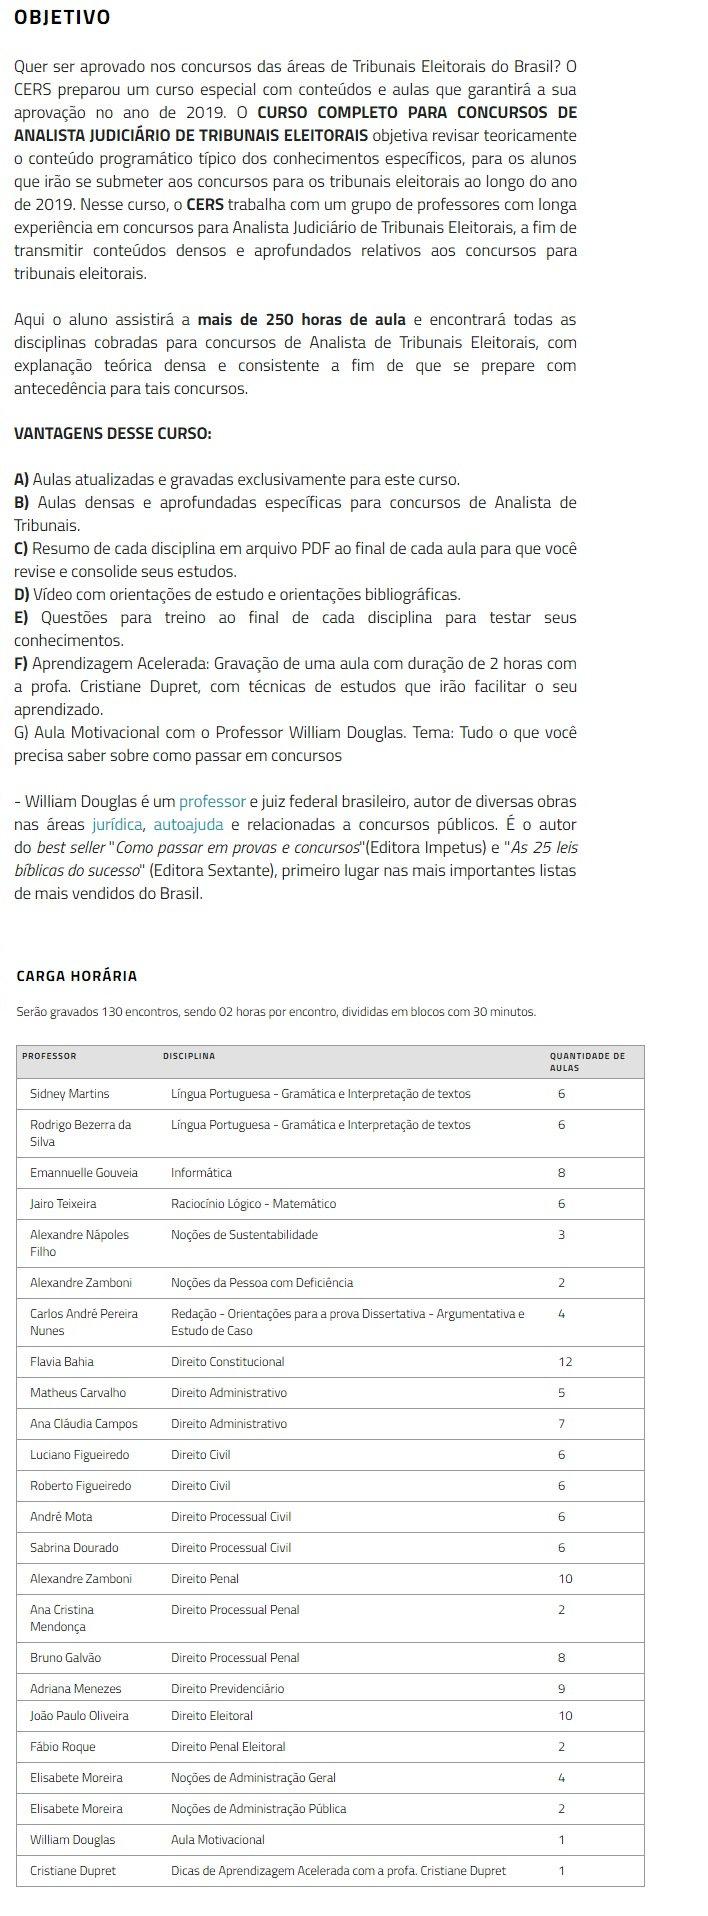 Analista dos Tribunais Eleitorais2.jpg